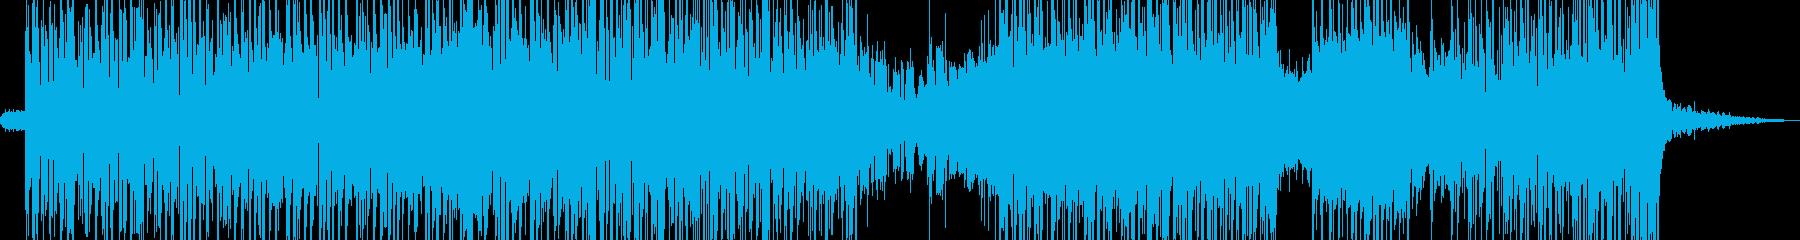 秘密結社・暗躍シーン・お洒落ビート B3の再生済みの波形